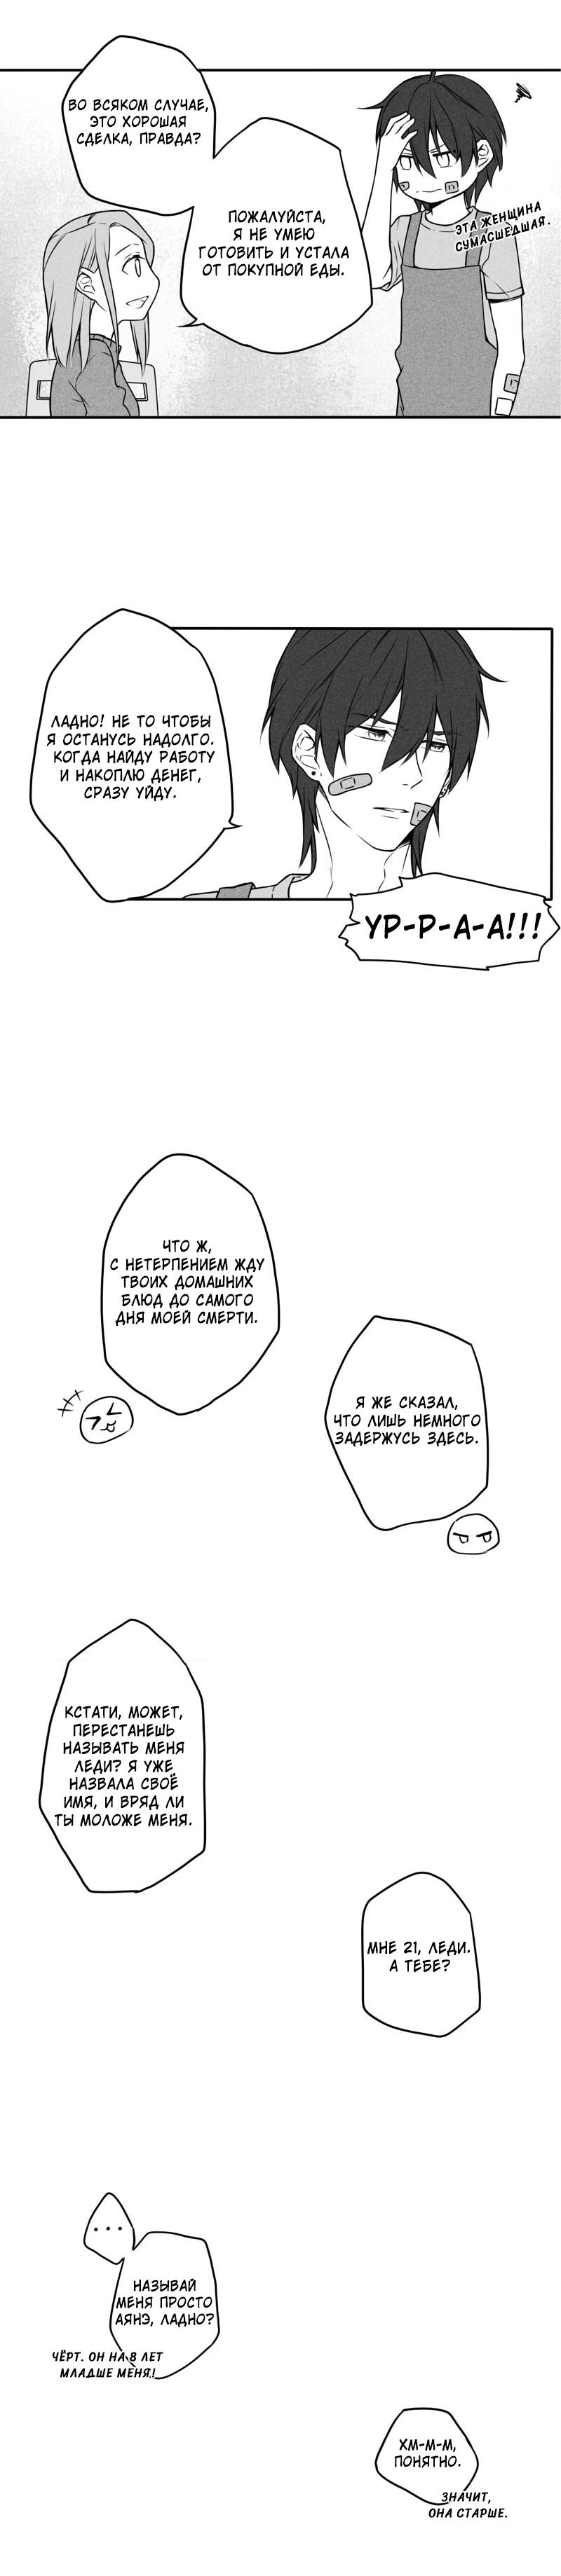 https://r2.ninemanga.com/comics/pic5/23/36439/1465318/1564198416635.png Page 6